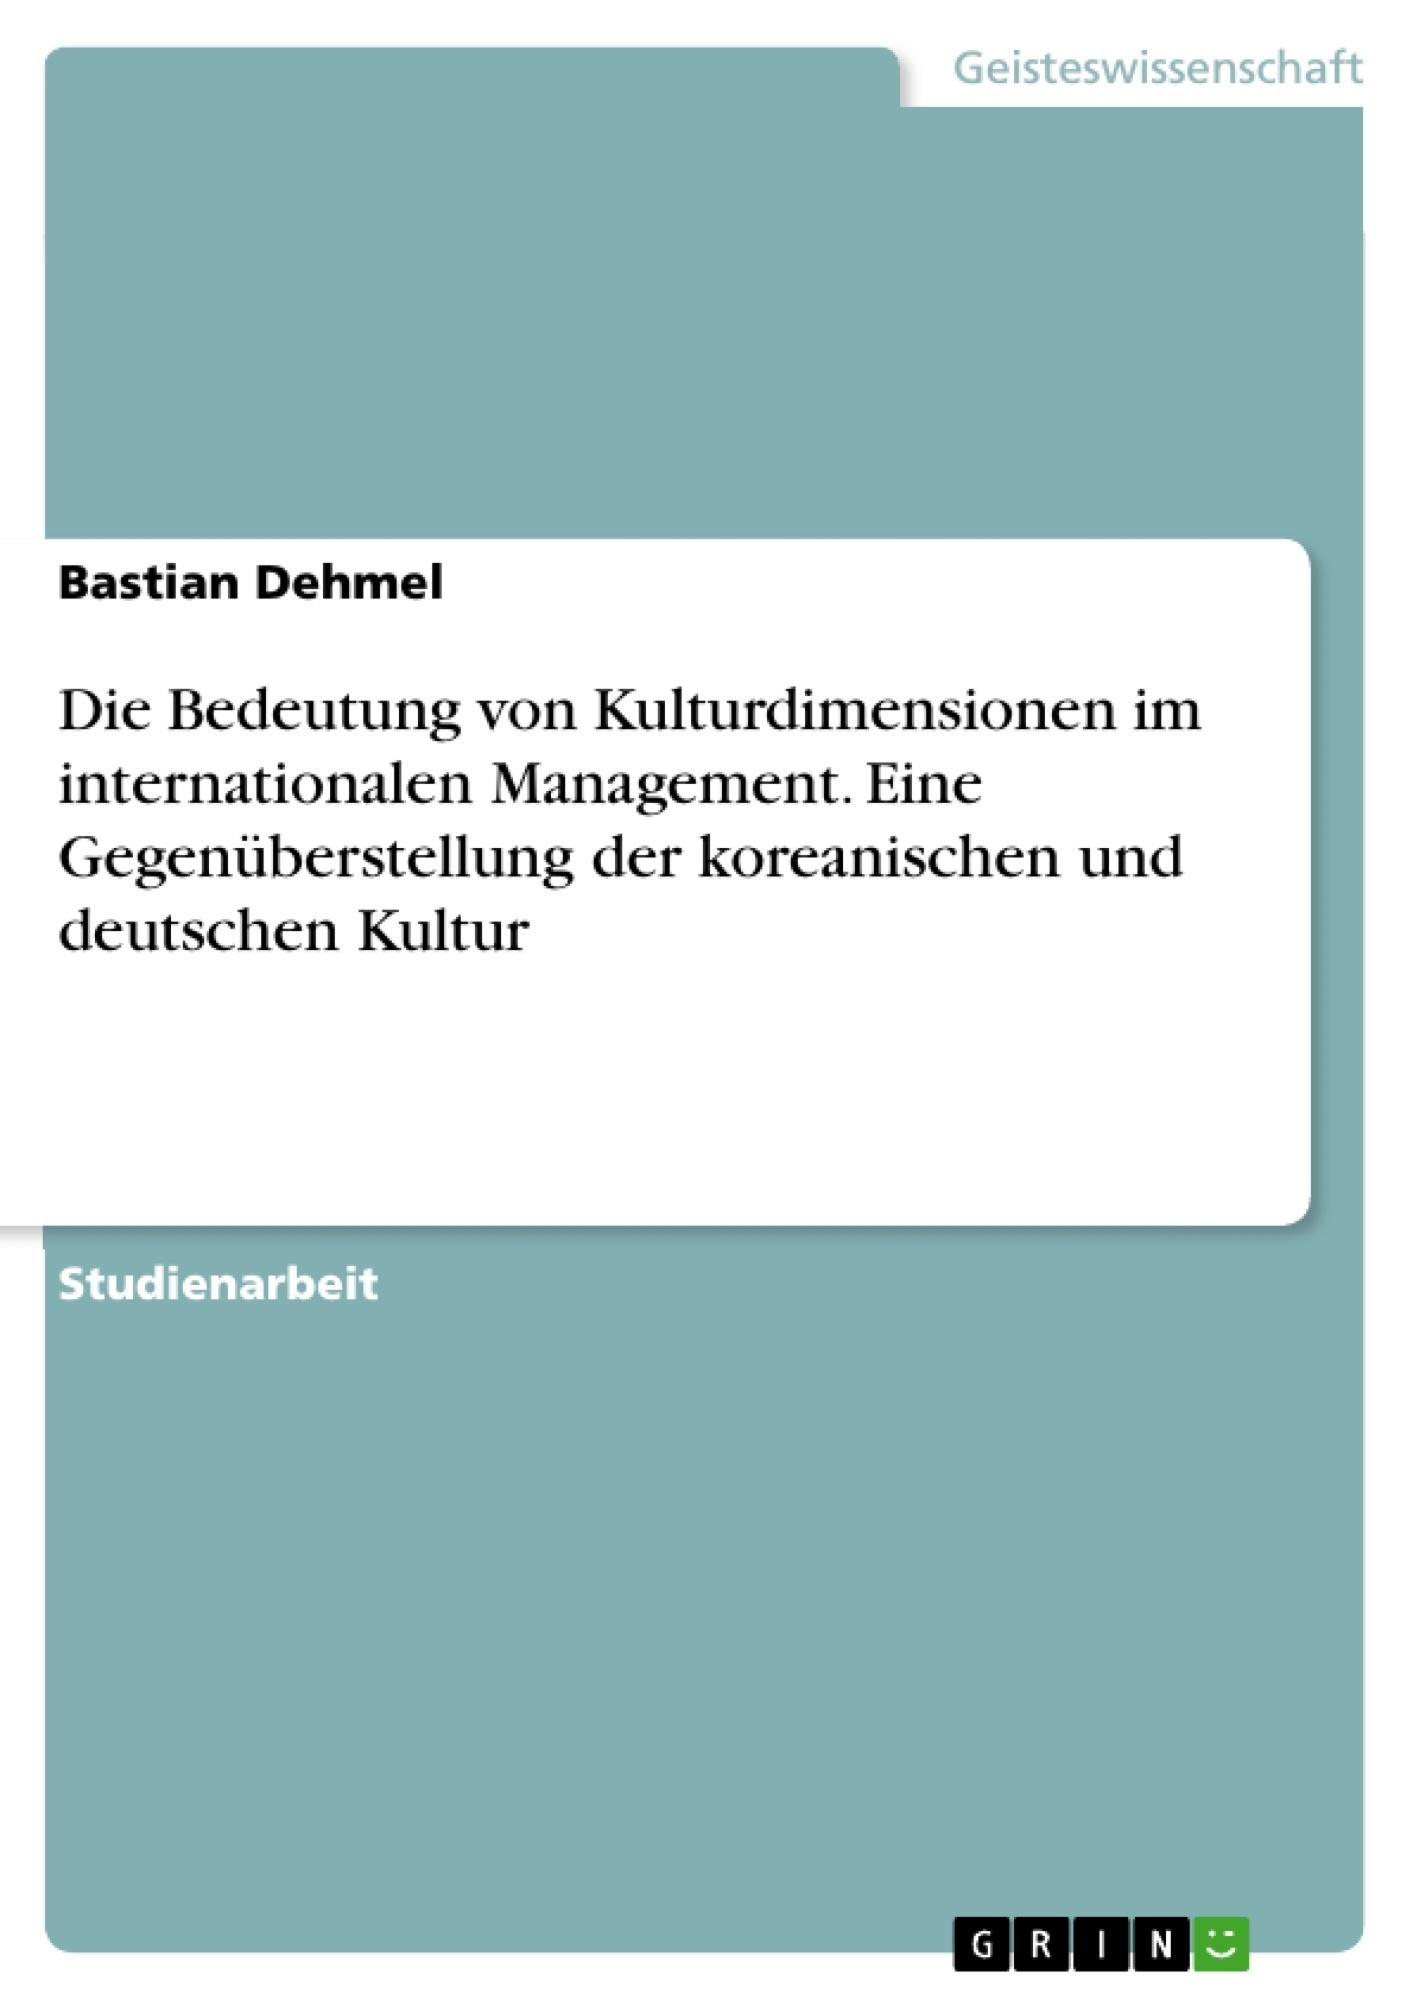 Titel: Die Bedeutung von Kulturdimensionen im internationalen Management. Eine Gegenüberstellung der koreanischen und deutschen Kultur